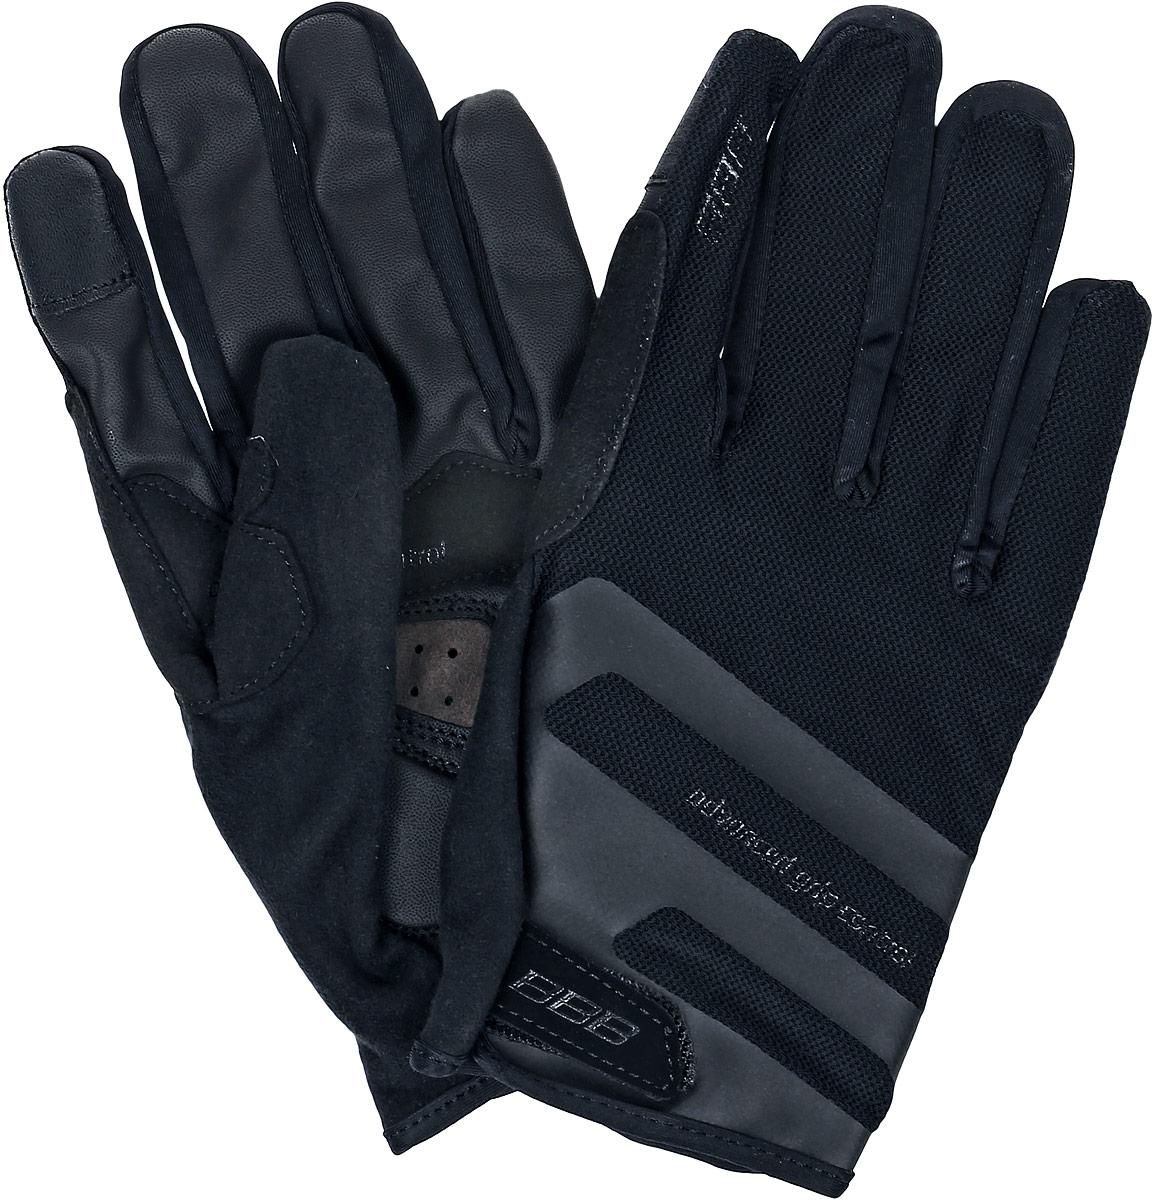 Перчатки велосипедные BBB AirZone, цвет: черный. Размер MBBW-50Когда трейлы накаляются от зноя, перчатки Airzone - ваш лучший выбор. Эти перчатки с длинными пальцами снабжены тыльной стороной из сетчатого материала и вентилируемой ладонью с полиуретановыми вставками для крепкого хвата. Гелевые вставки предупреждают усталость и защищают при падениях. Большой и указательный пальцы дополнительно защищены материалом Clarino. Сетчатая структура верхней части обеспечивает хорошую вентиляцию. Такие перчатки идеальны при эксплуатации в условиях высоких температур. Тыльная сторона из сетчатого материала Airmesh. Перфорированная ладонь с вставками из полиуретана для надёжного хвата. Манжета анатомического кроя дополнена застёжкой-липучкой. Состав: 28% полиамид, 24% полиуретан, 21% полиэстер, 15% эластан, 12% полиэтилен.Гид по велоаксессуарам. Статья OZON Гид